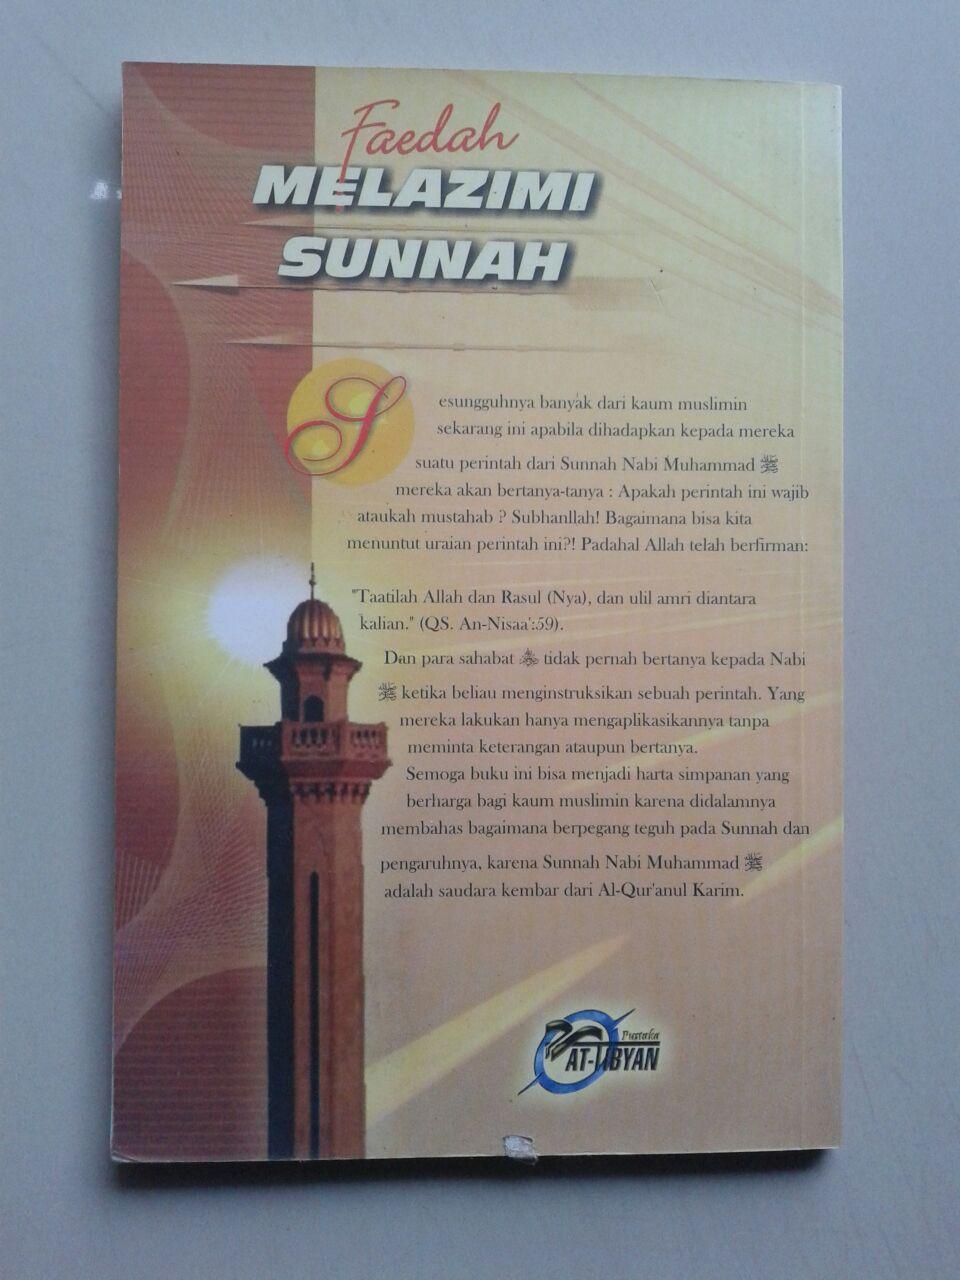 Buku Faedah Melazimi Sunnah cover